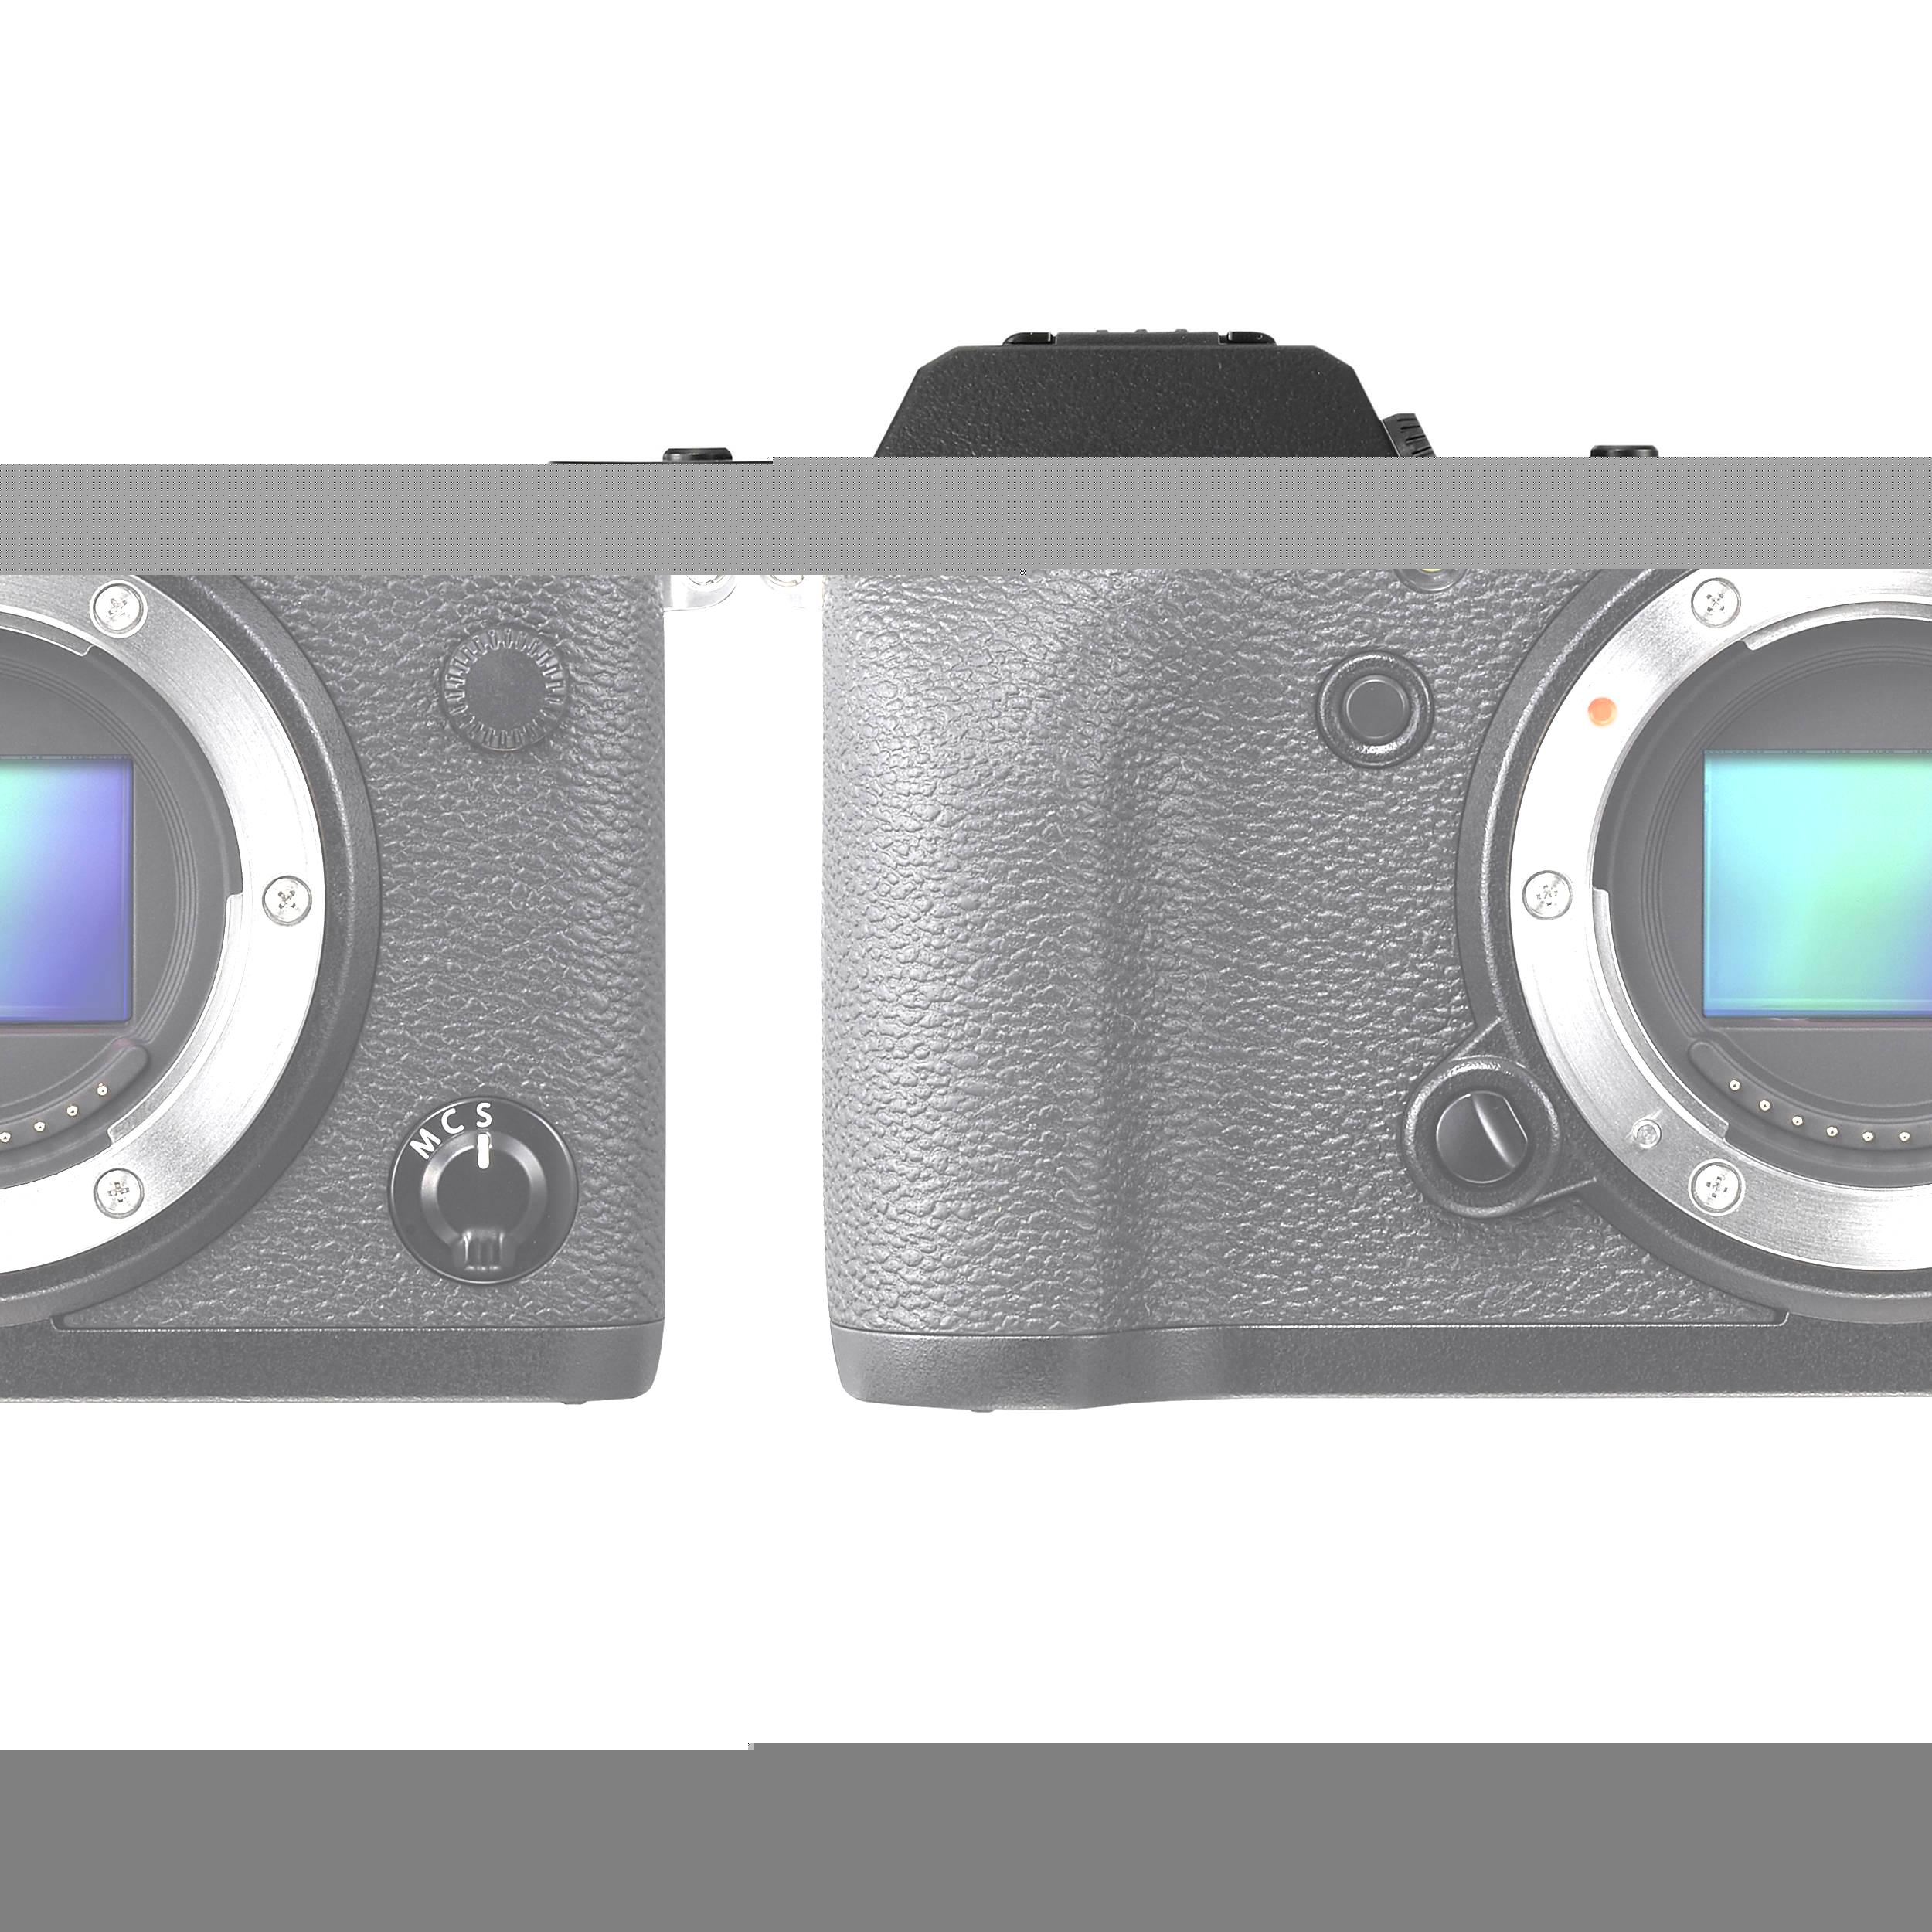 Fujifilm-X-T2 Fujifilm X-T2 Review News and Reviews